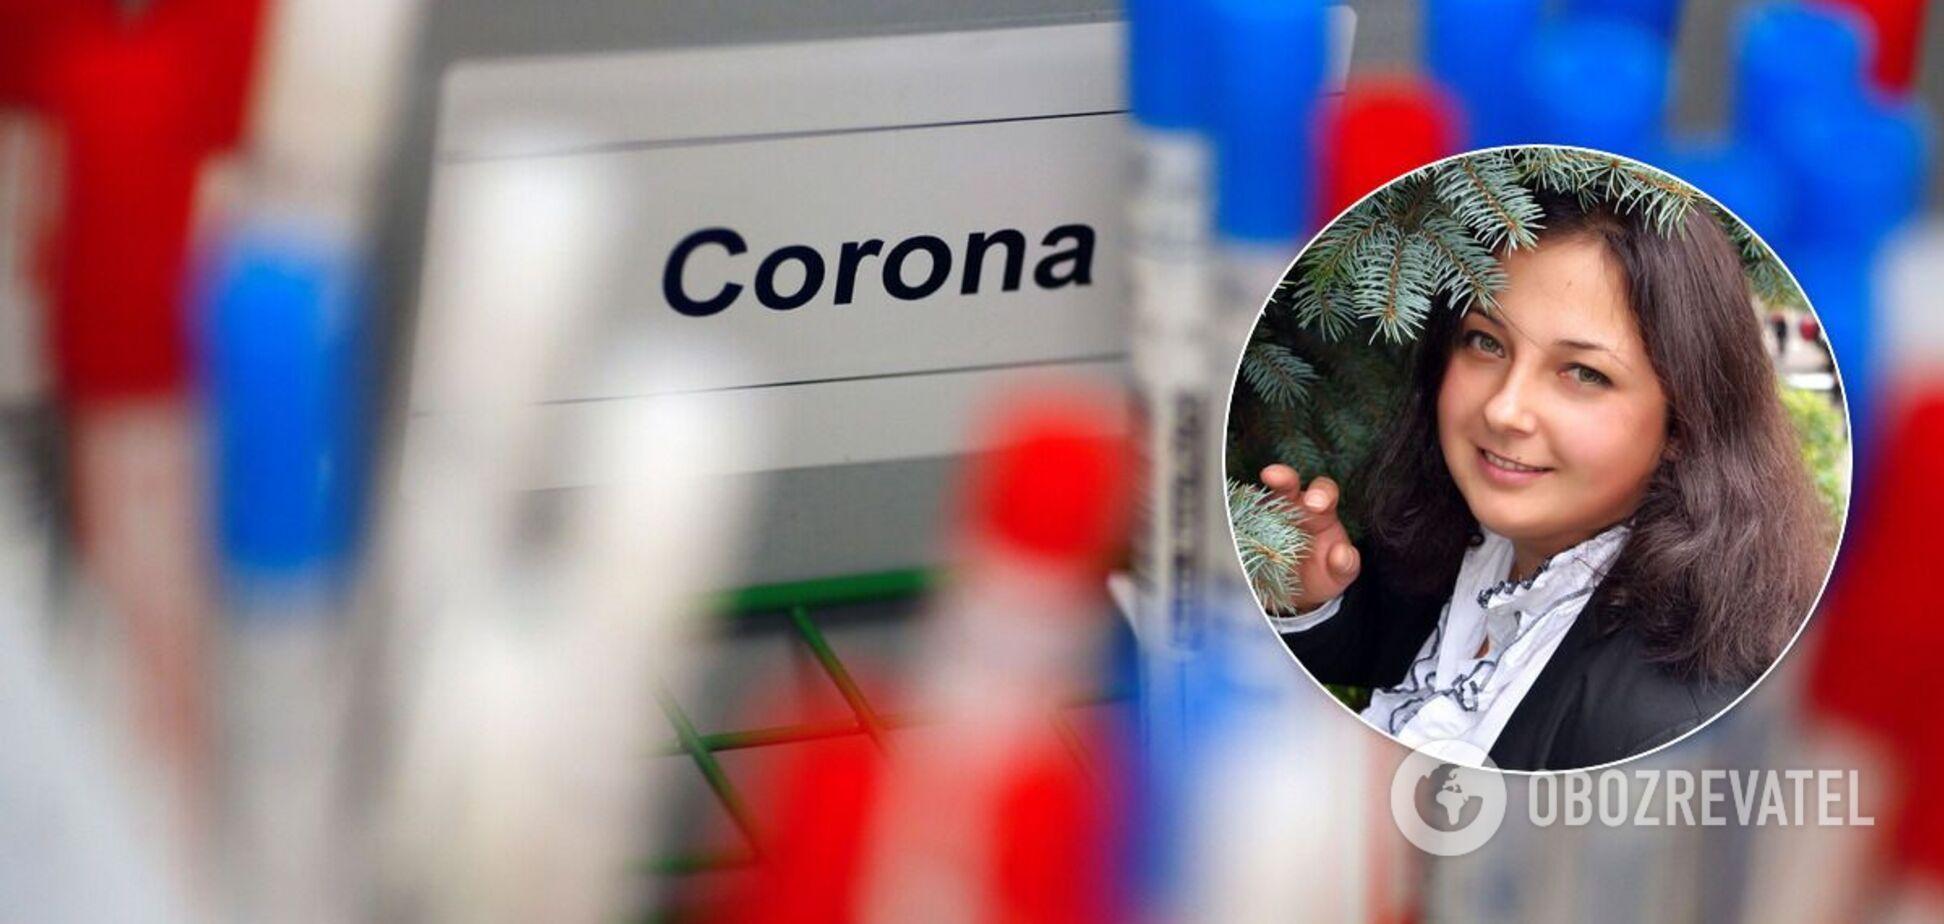 В Житомире от COVID-19 умерла молодая преподавательница: накануне заявляла о недостатке кислорода